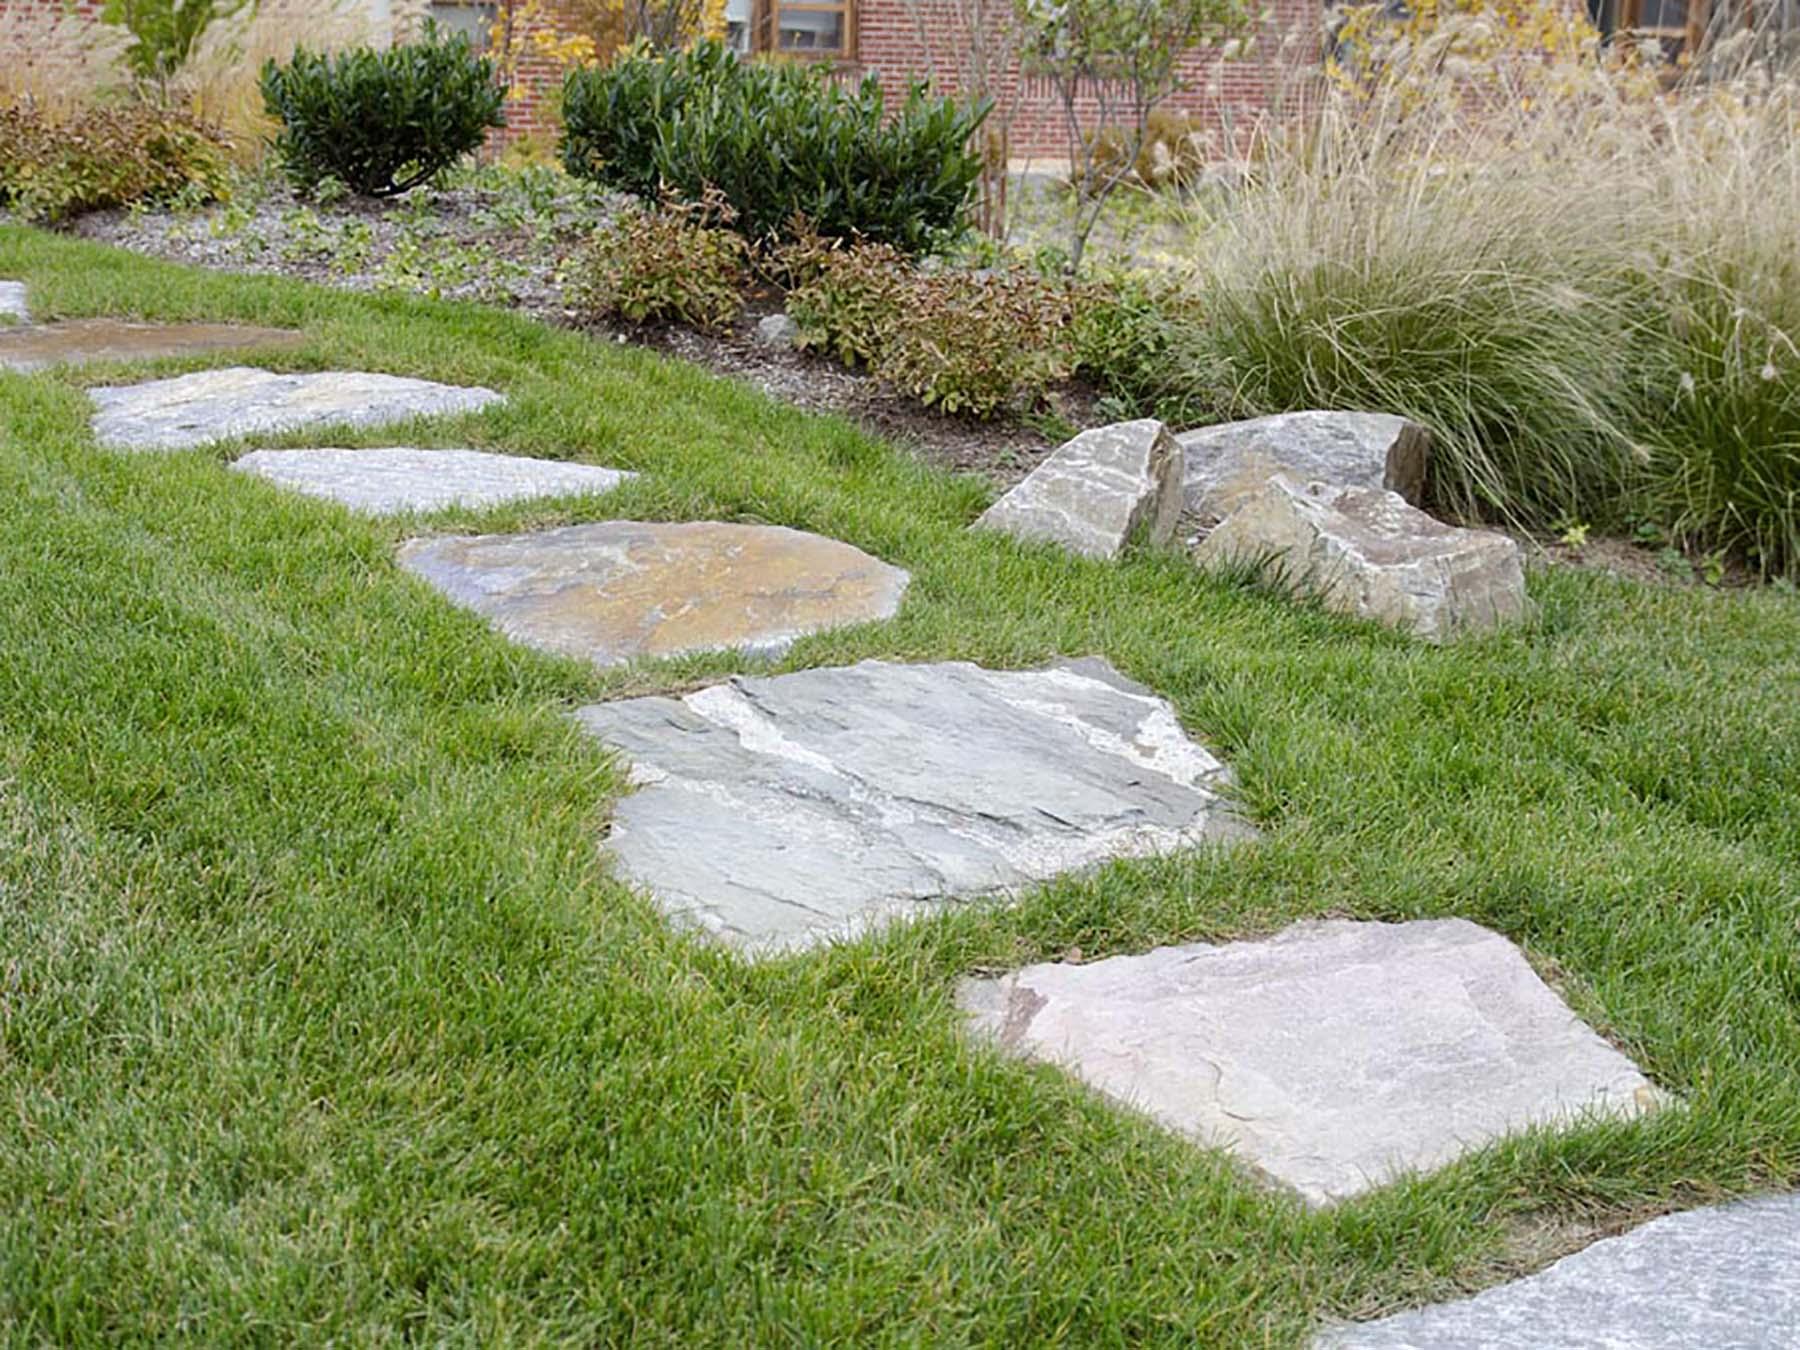 Ticonderoga Granite Flagging in grass